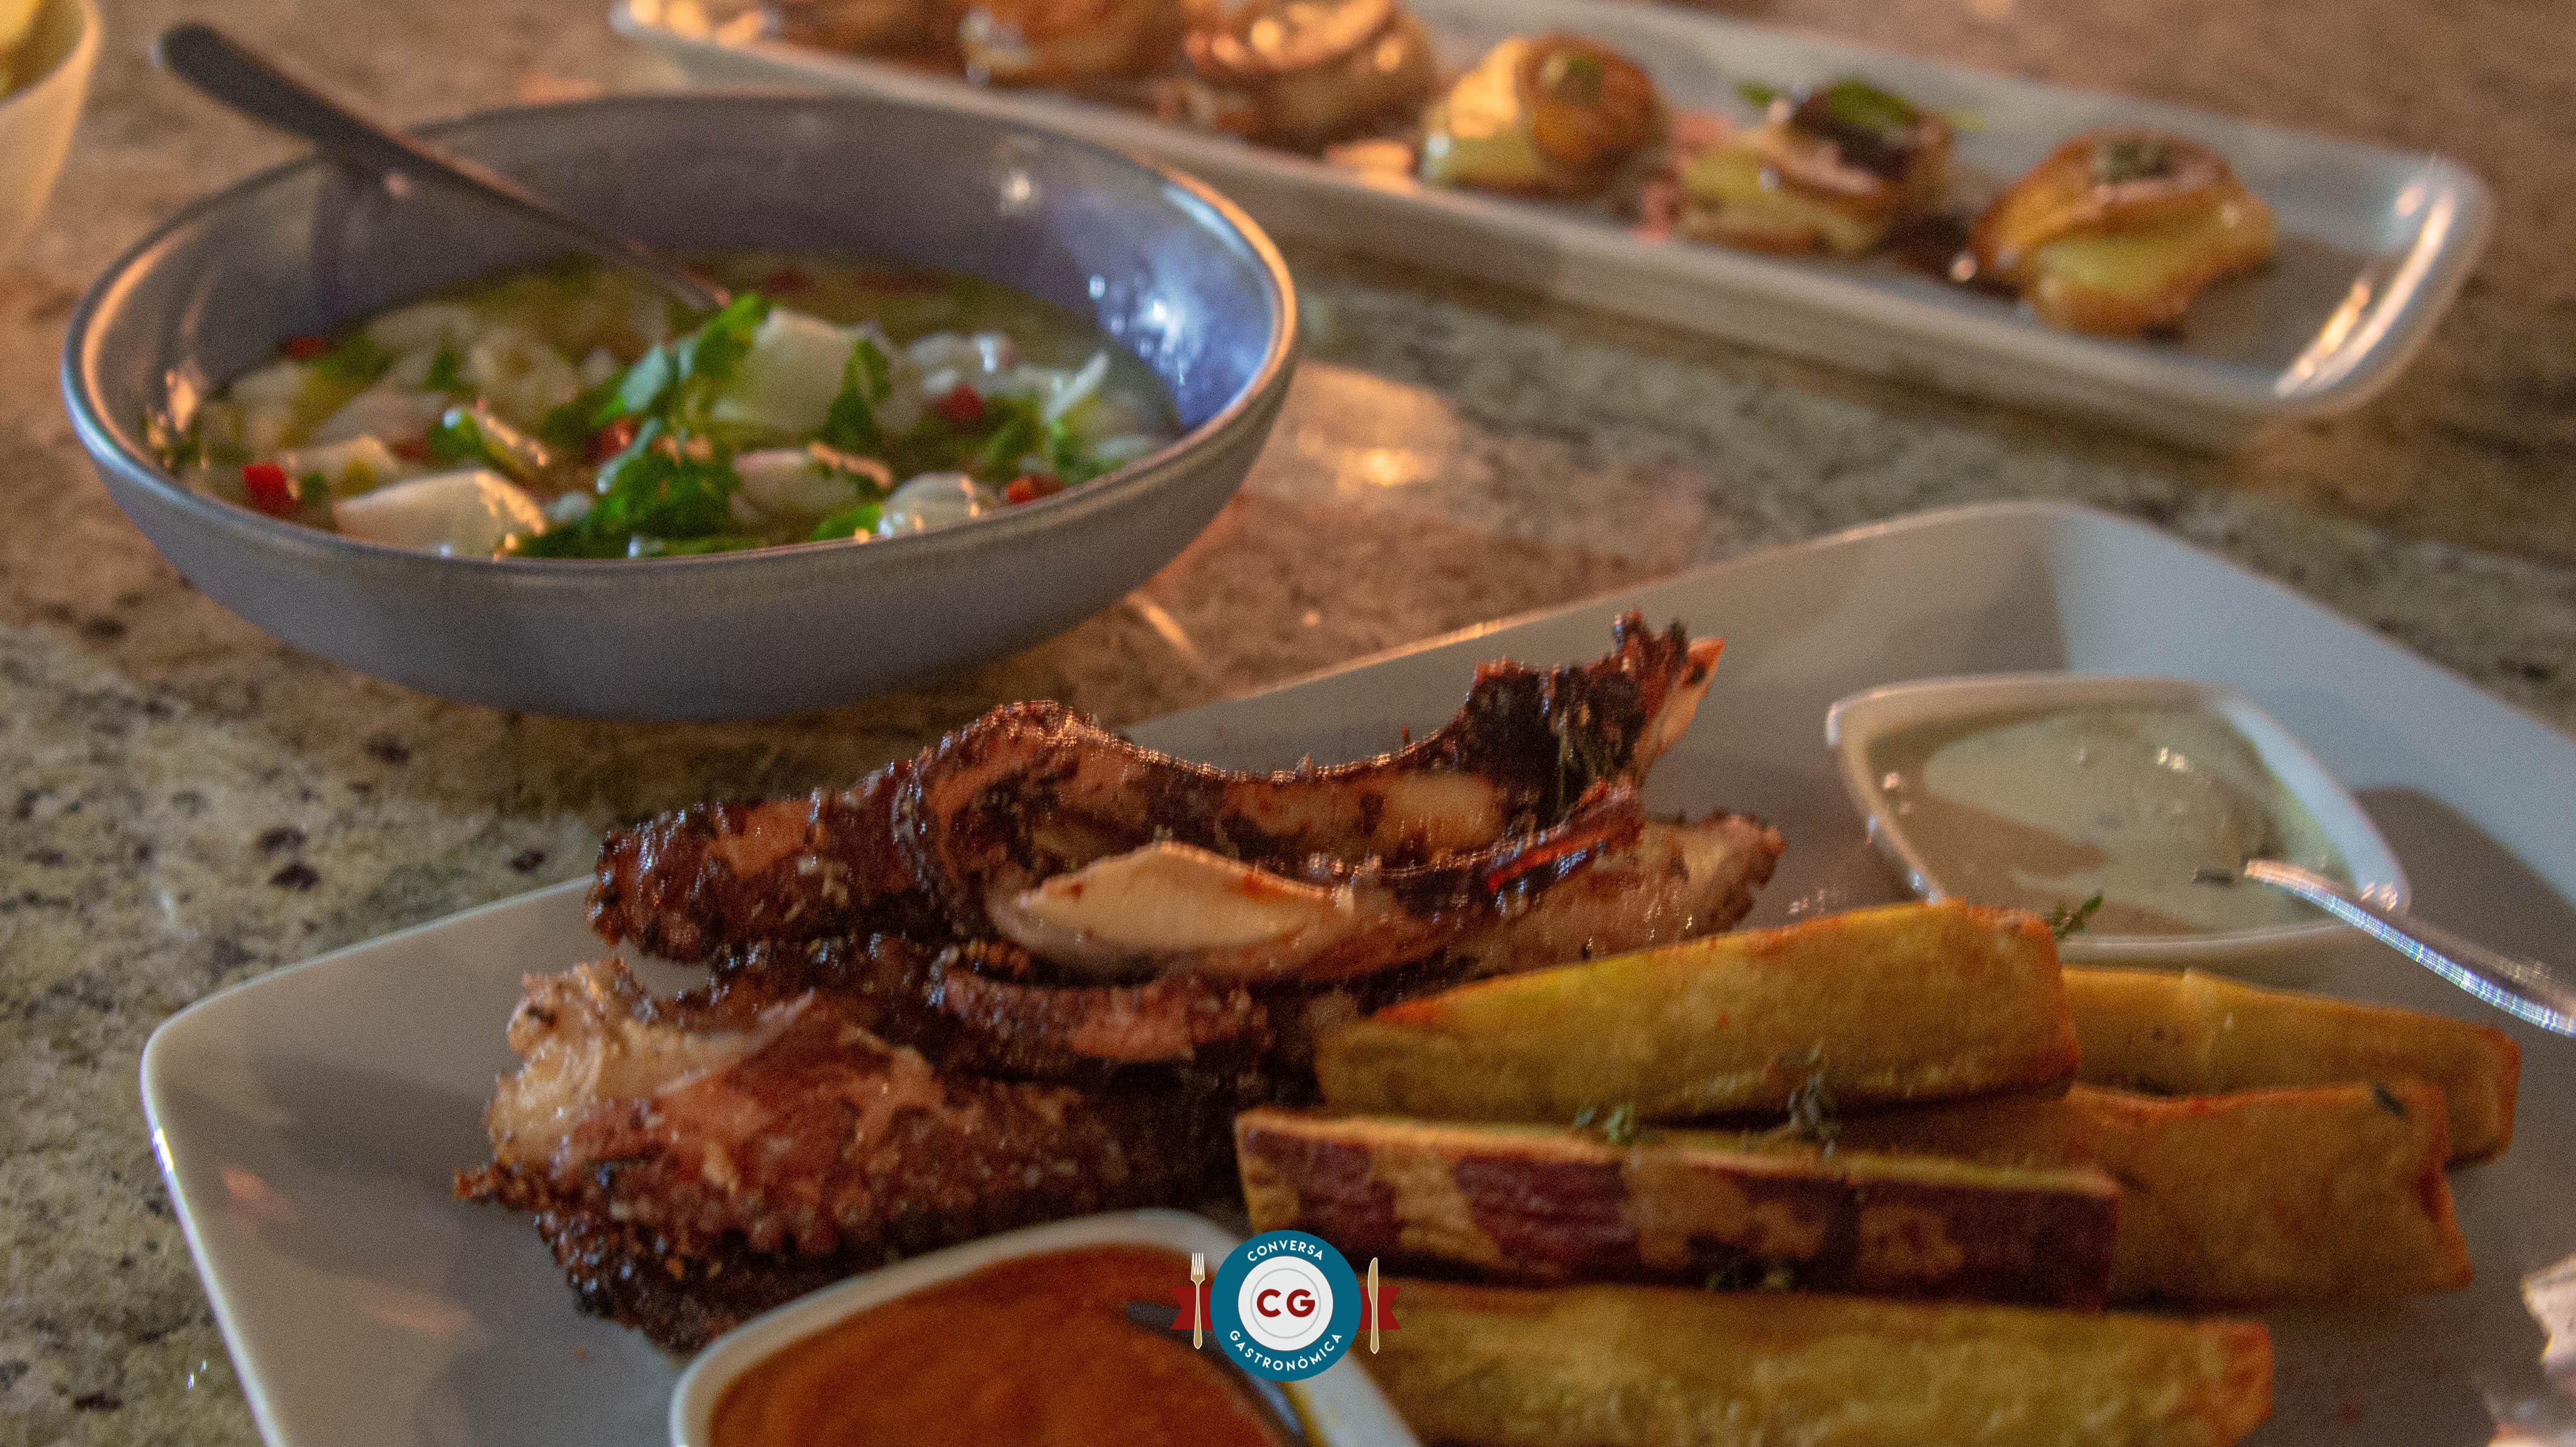 Regionalismo e alta gastronomia molda cozinha do Manary